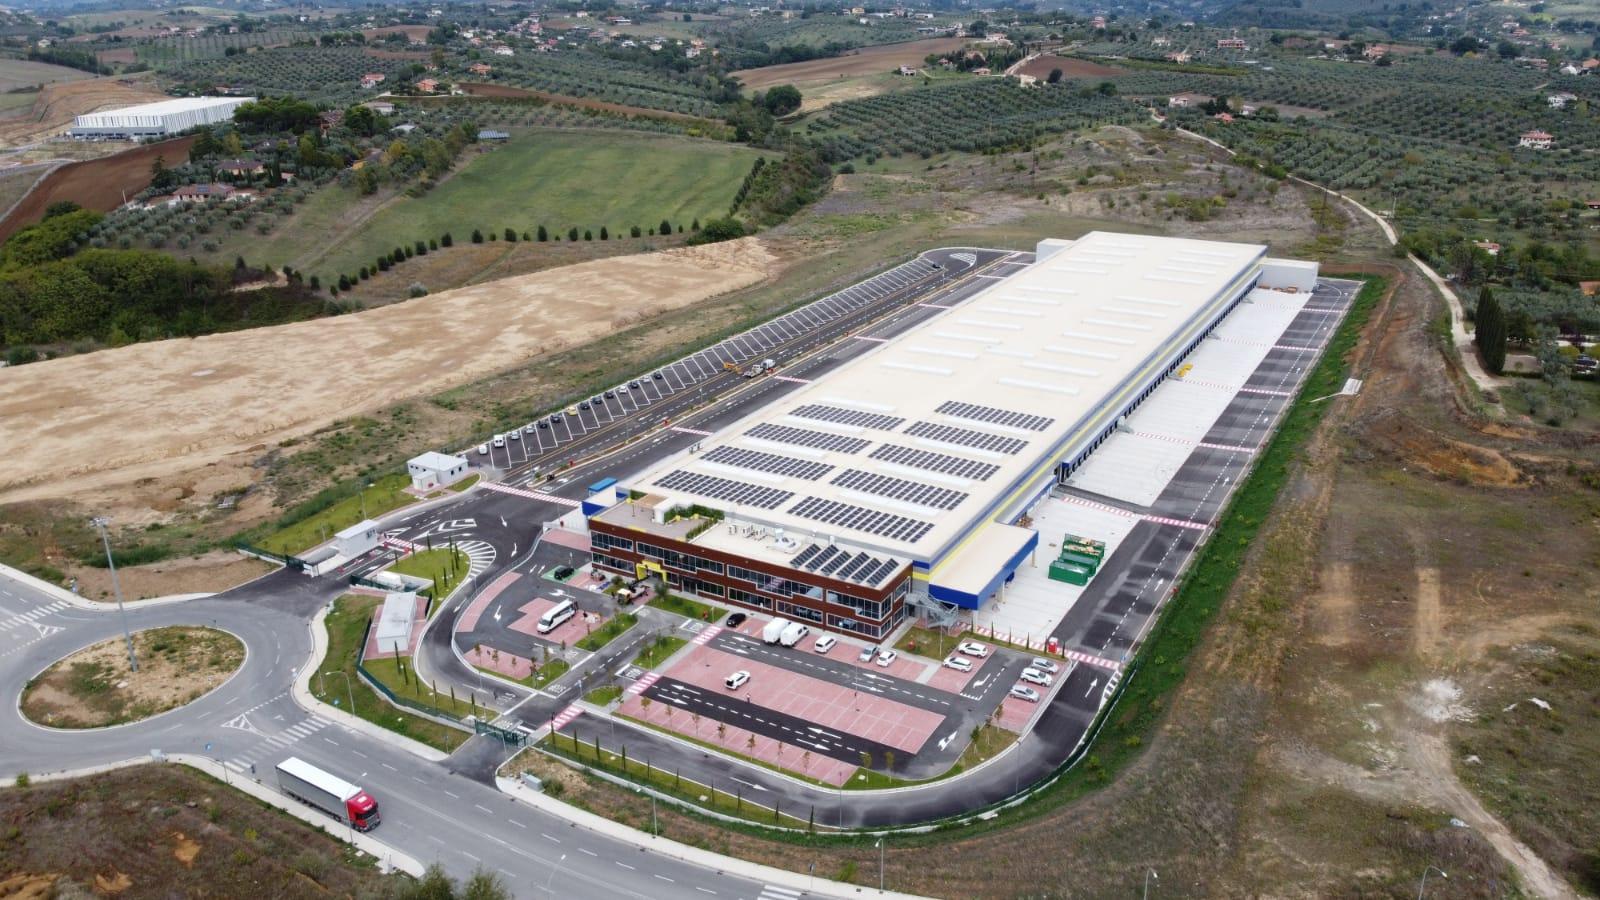 POSTE ITALIANE, IL NUOVO CENTRO LOGISTICO A PASSO CORESE È OPERATIVO